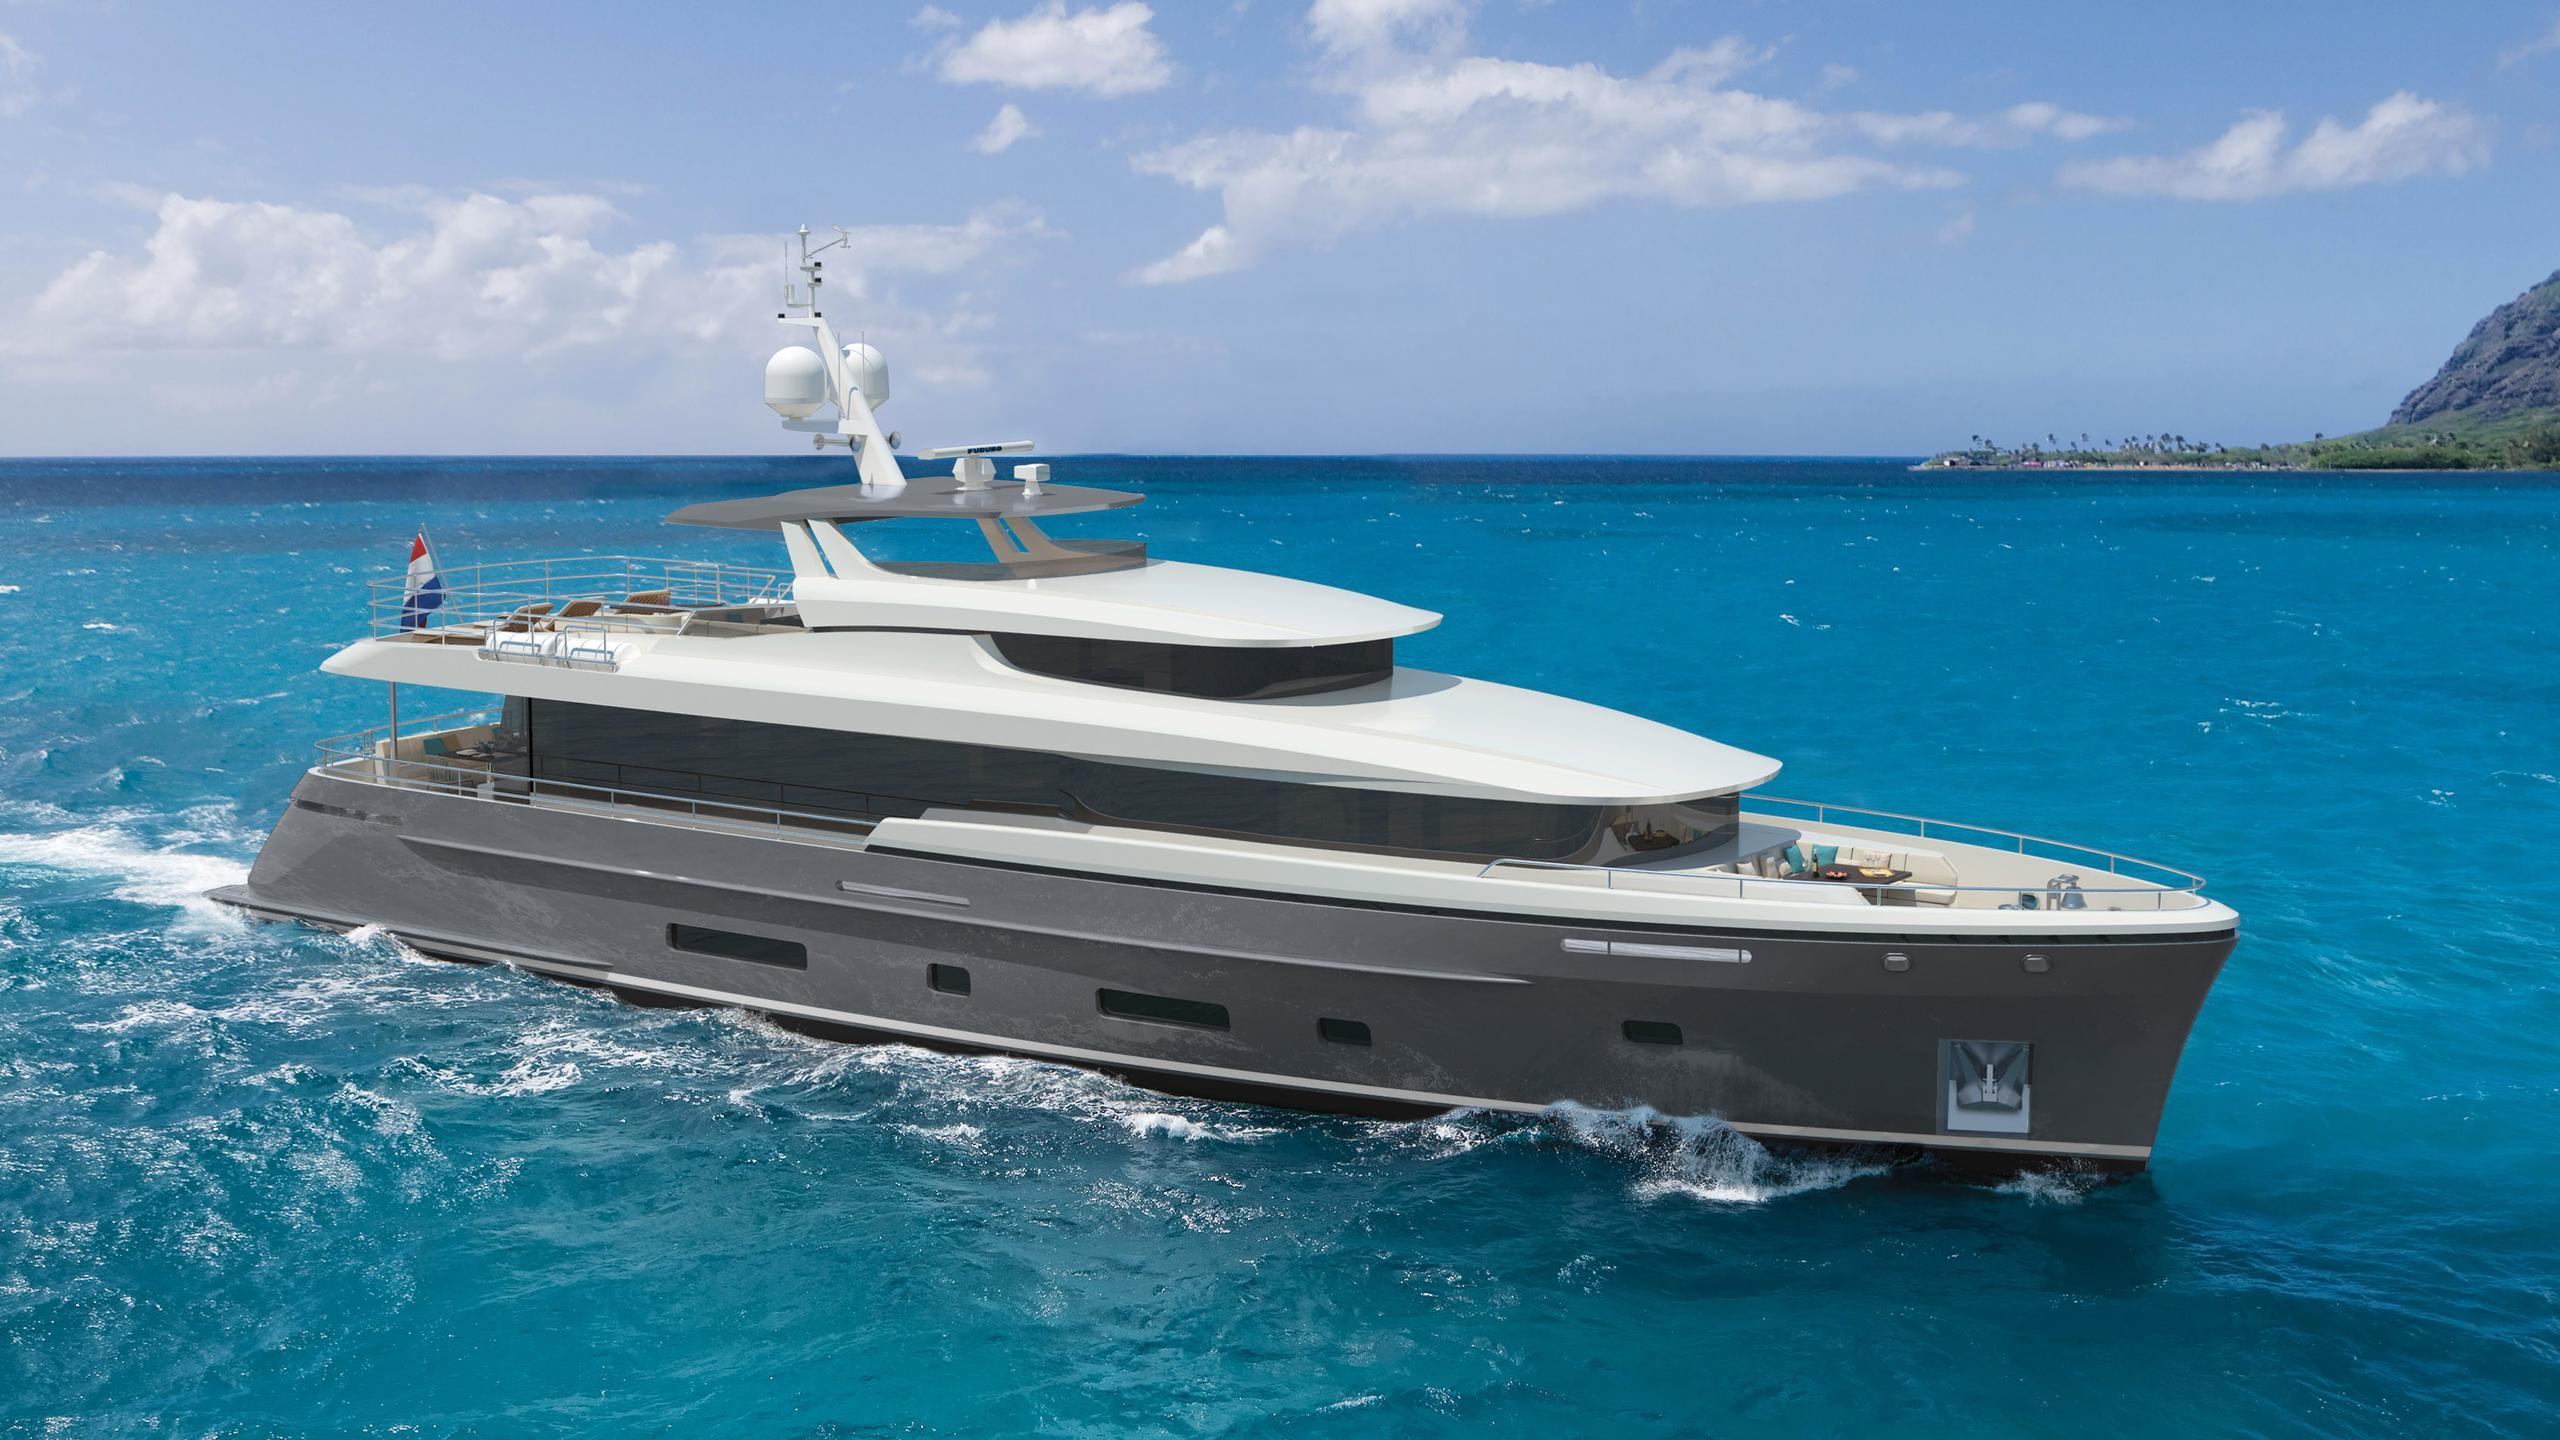 bijoux-motor-yacht-moonen-matica-2016-30m-profile-running-rendering